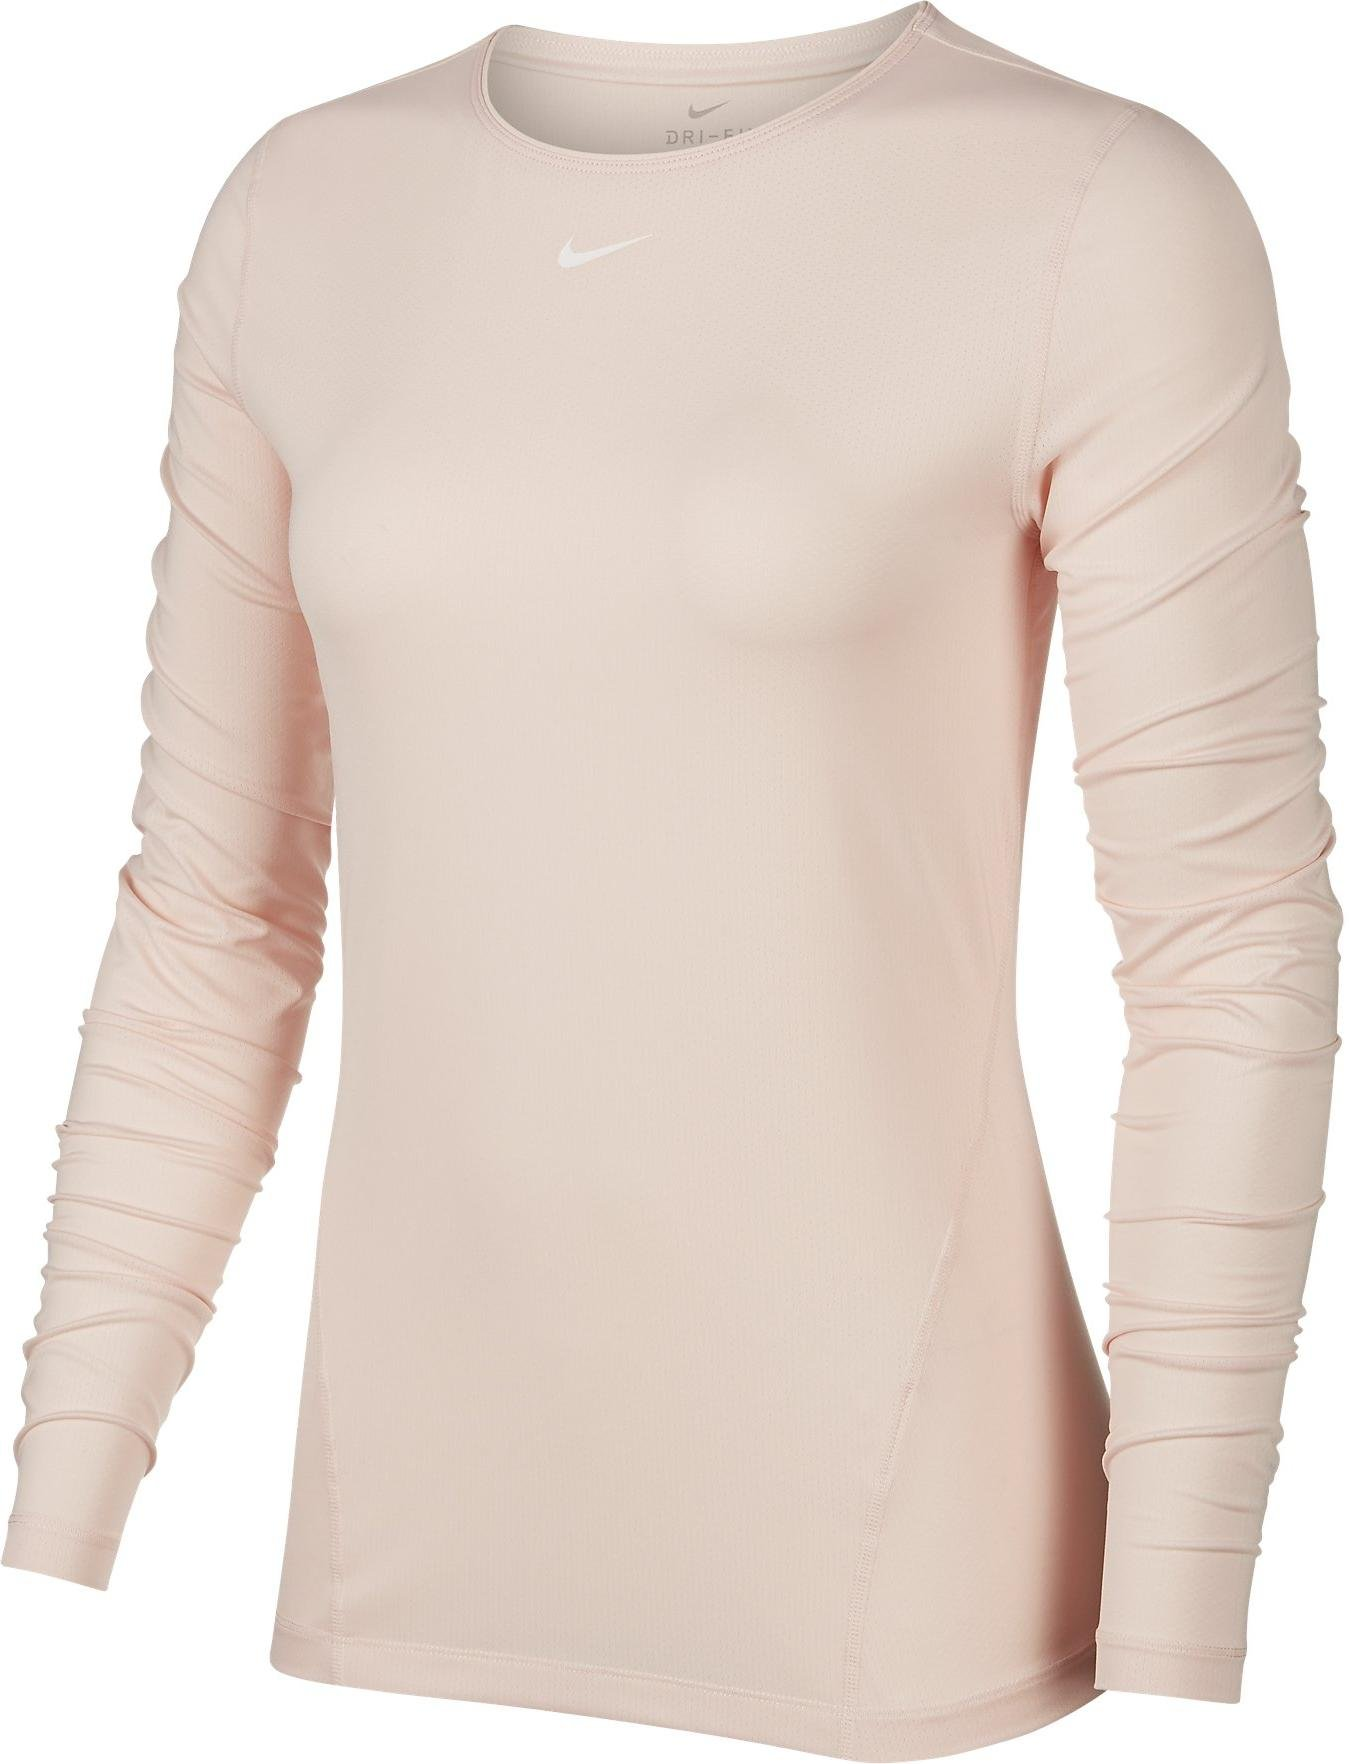 Dámské tričko s dlouhým rukávem Nike Pro All Over Mesh